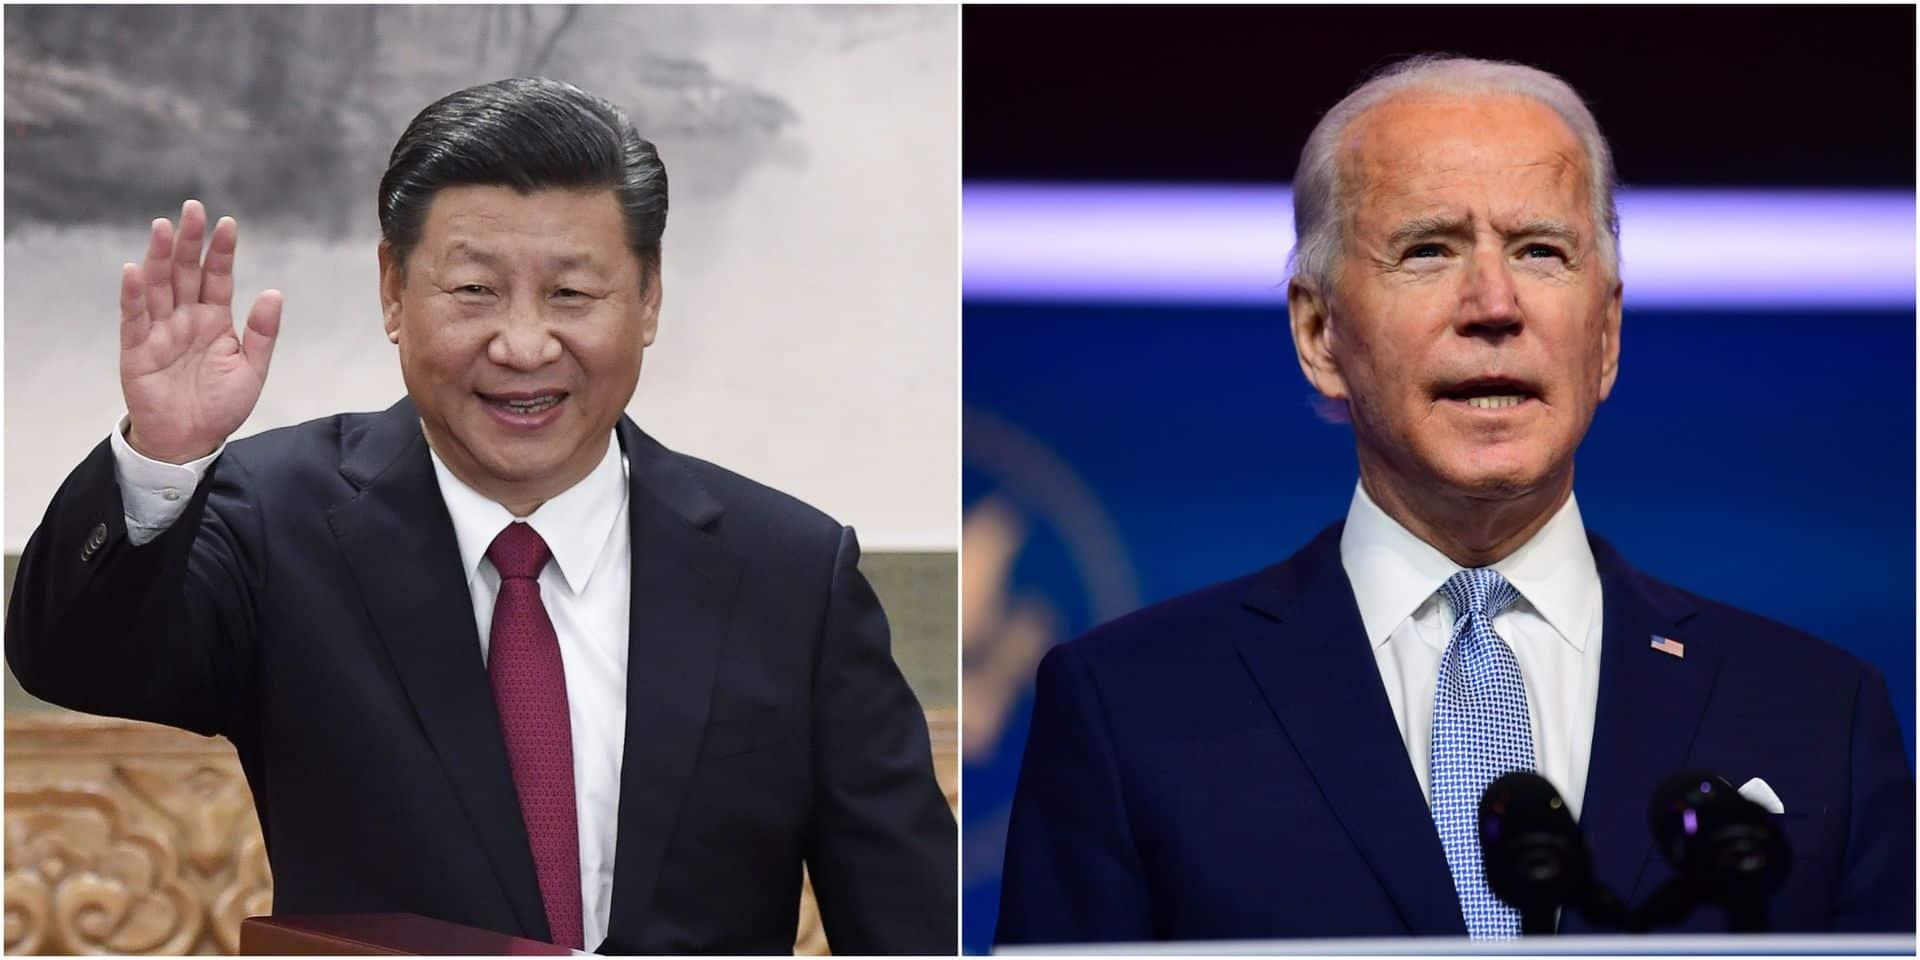 Après trois semaines de silence, le président chinois Xi Jinping félicite Joe Biden pour sa victoire à la présidentielle